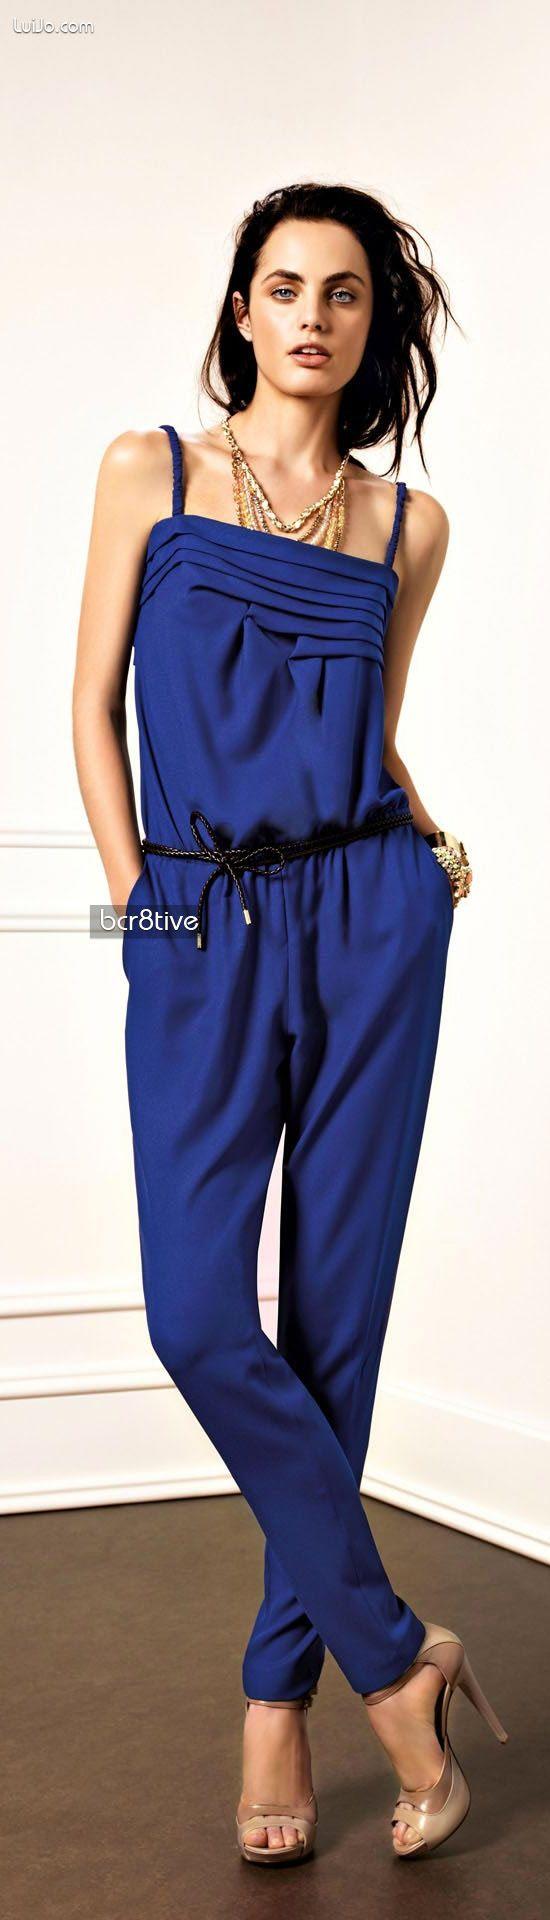 Womans Blue Jumpsuit #UNIQUE_WOMENS_FASHION